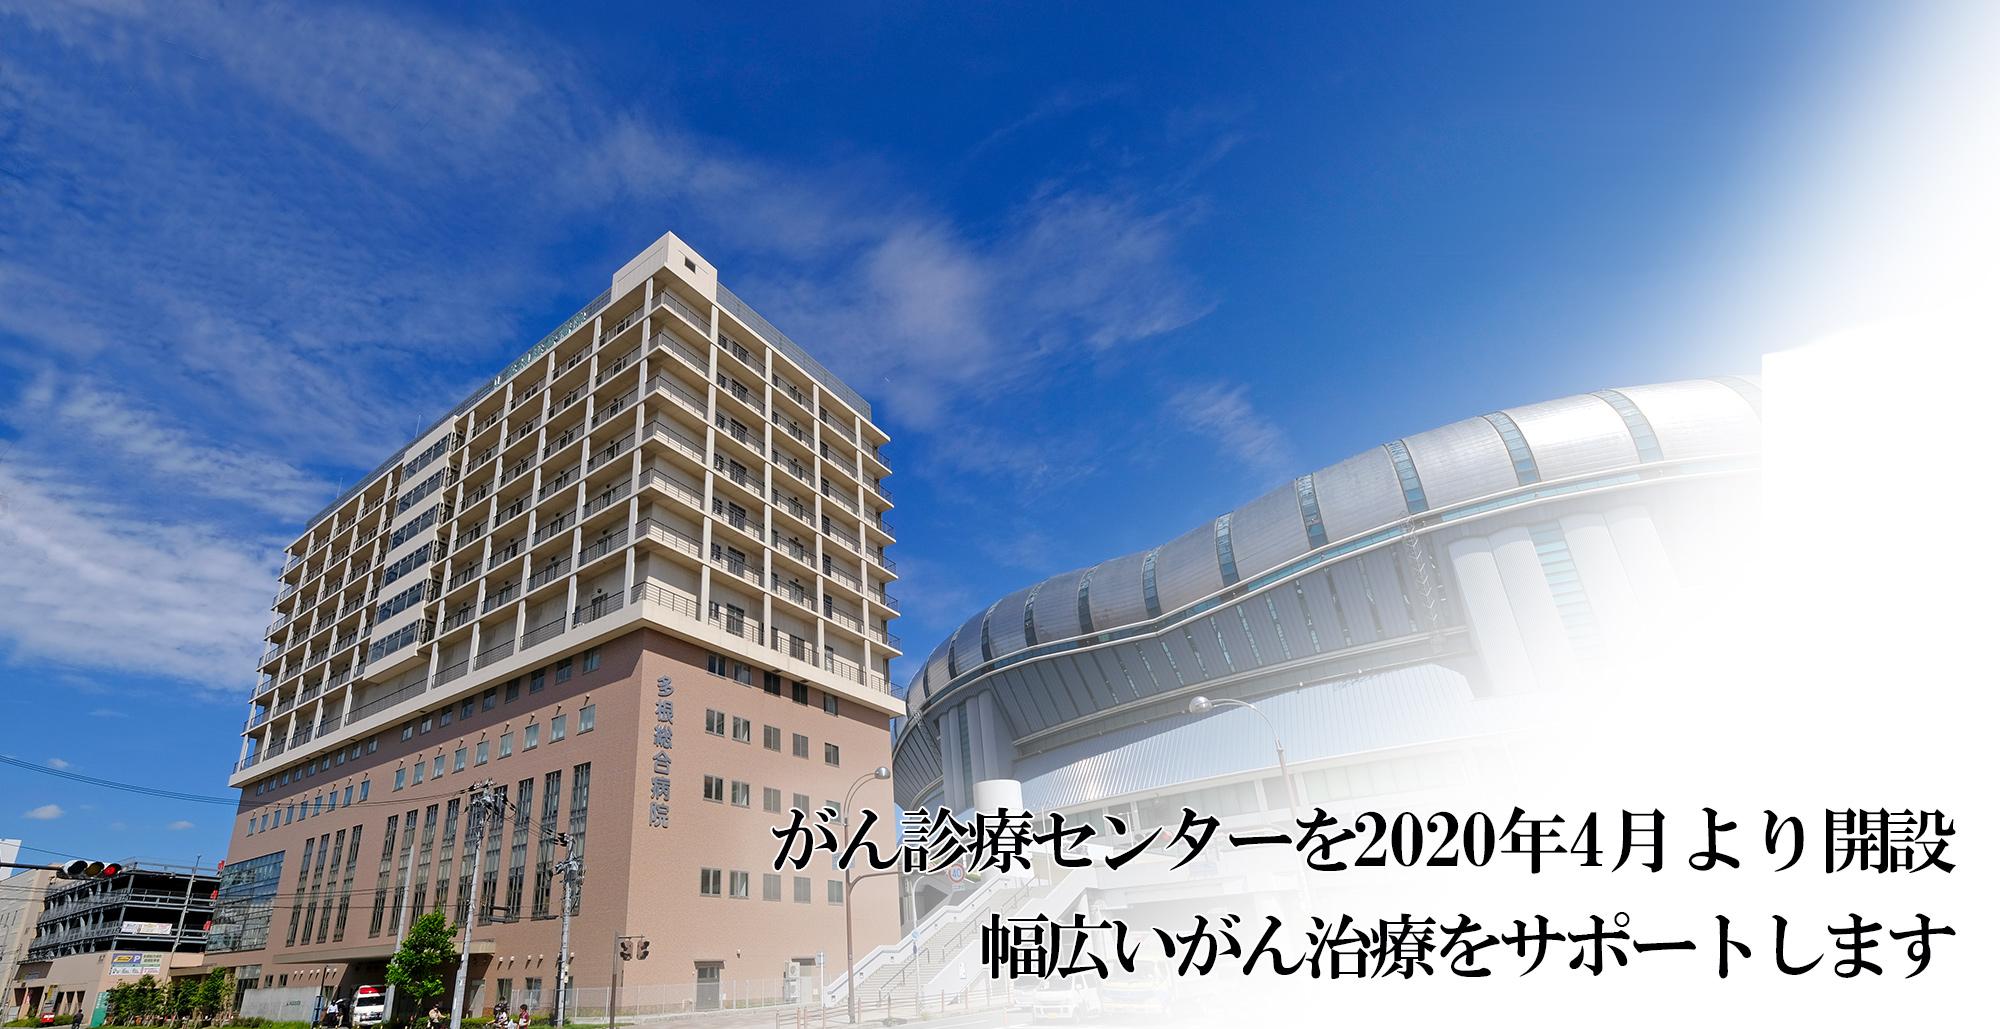 がん診療センターを2020年4月より開設しました、より充実したがん治療を目指します。